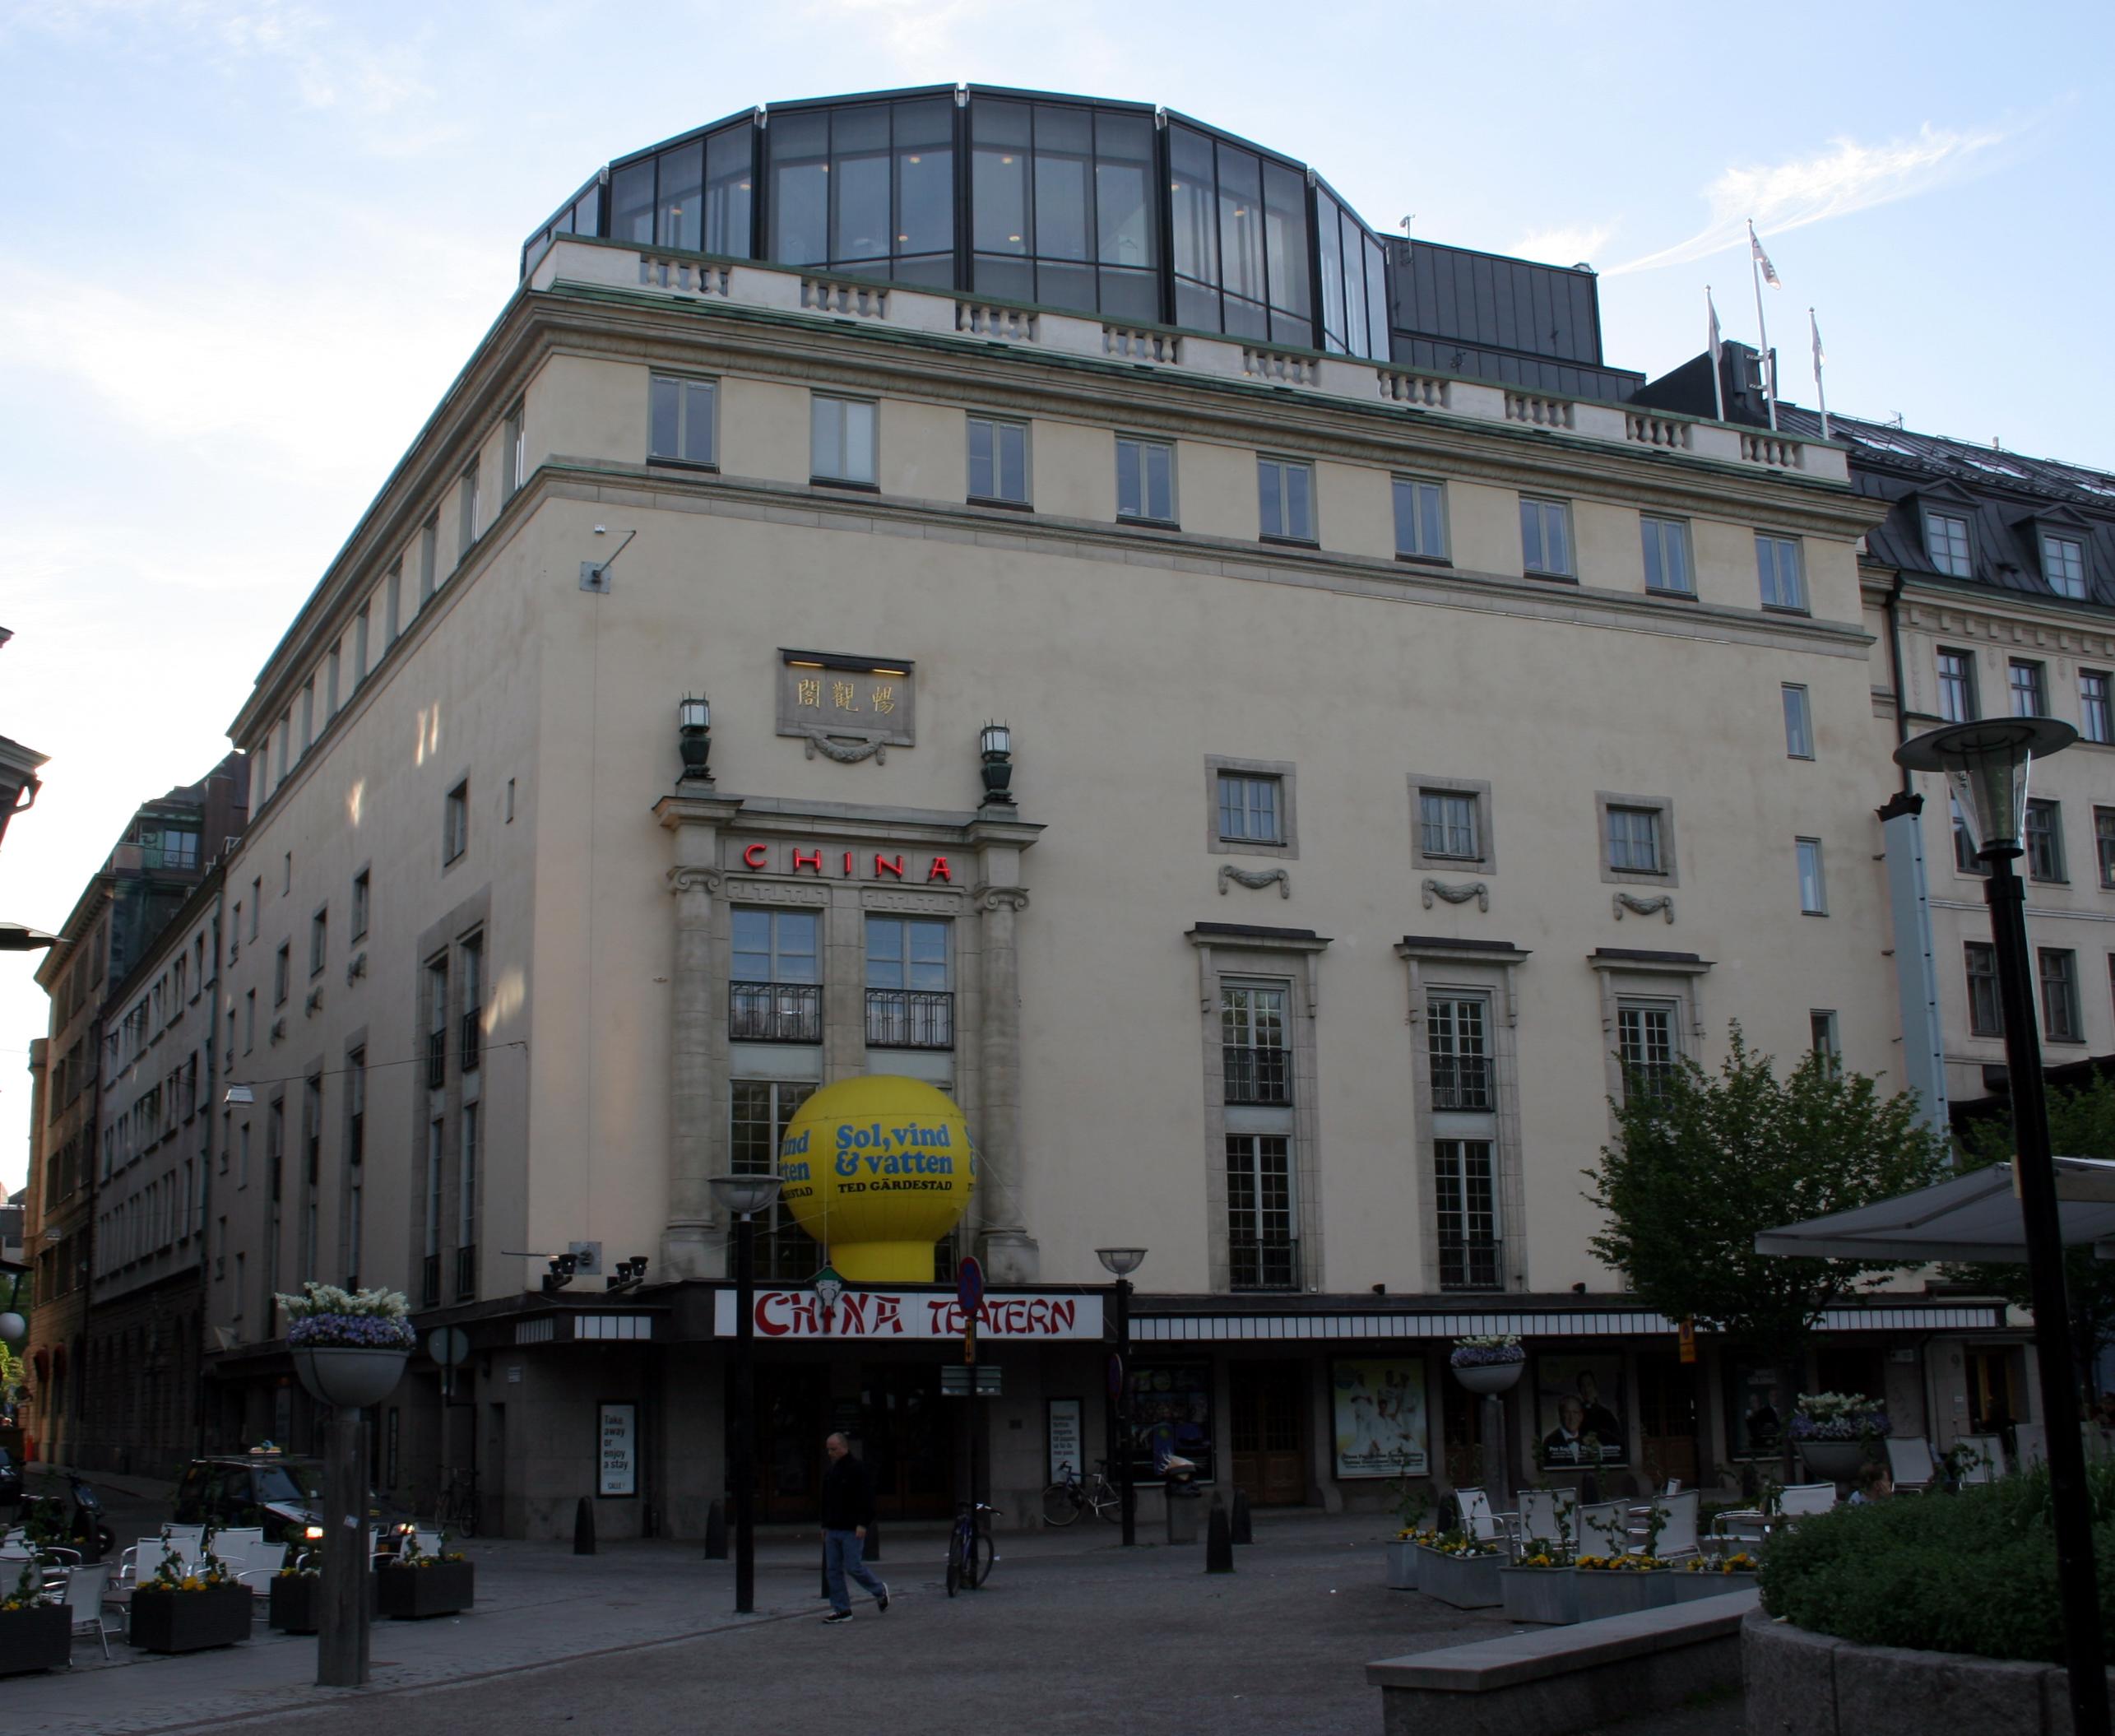 dominerande chinesse underkastelse i Stockholm